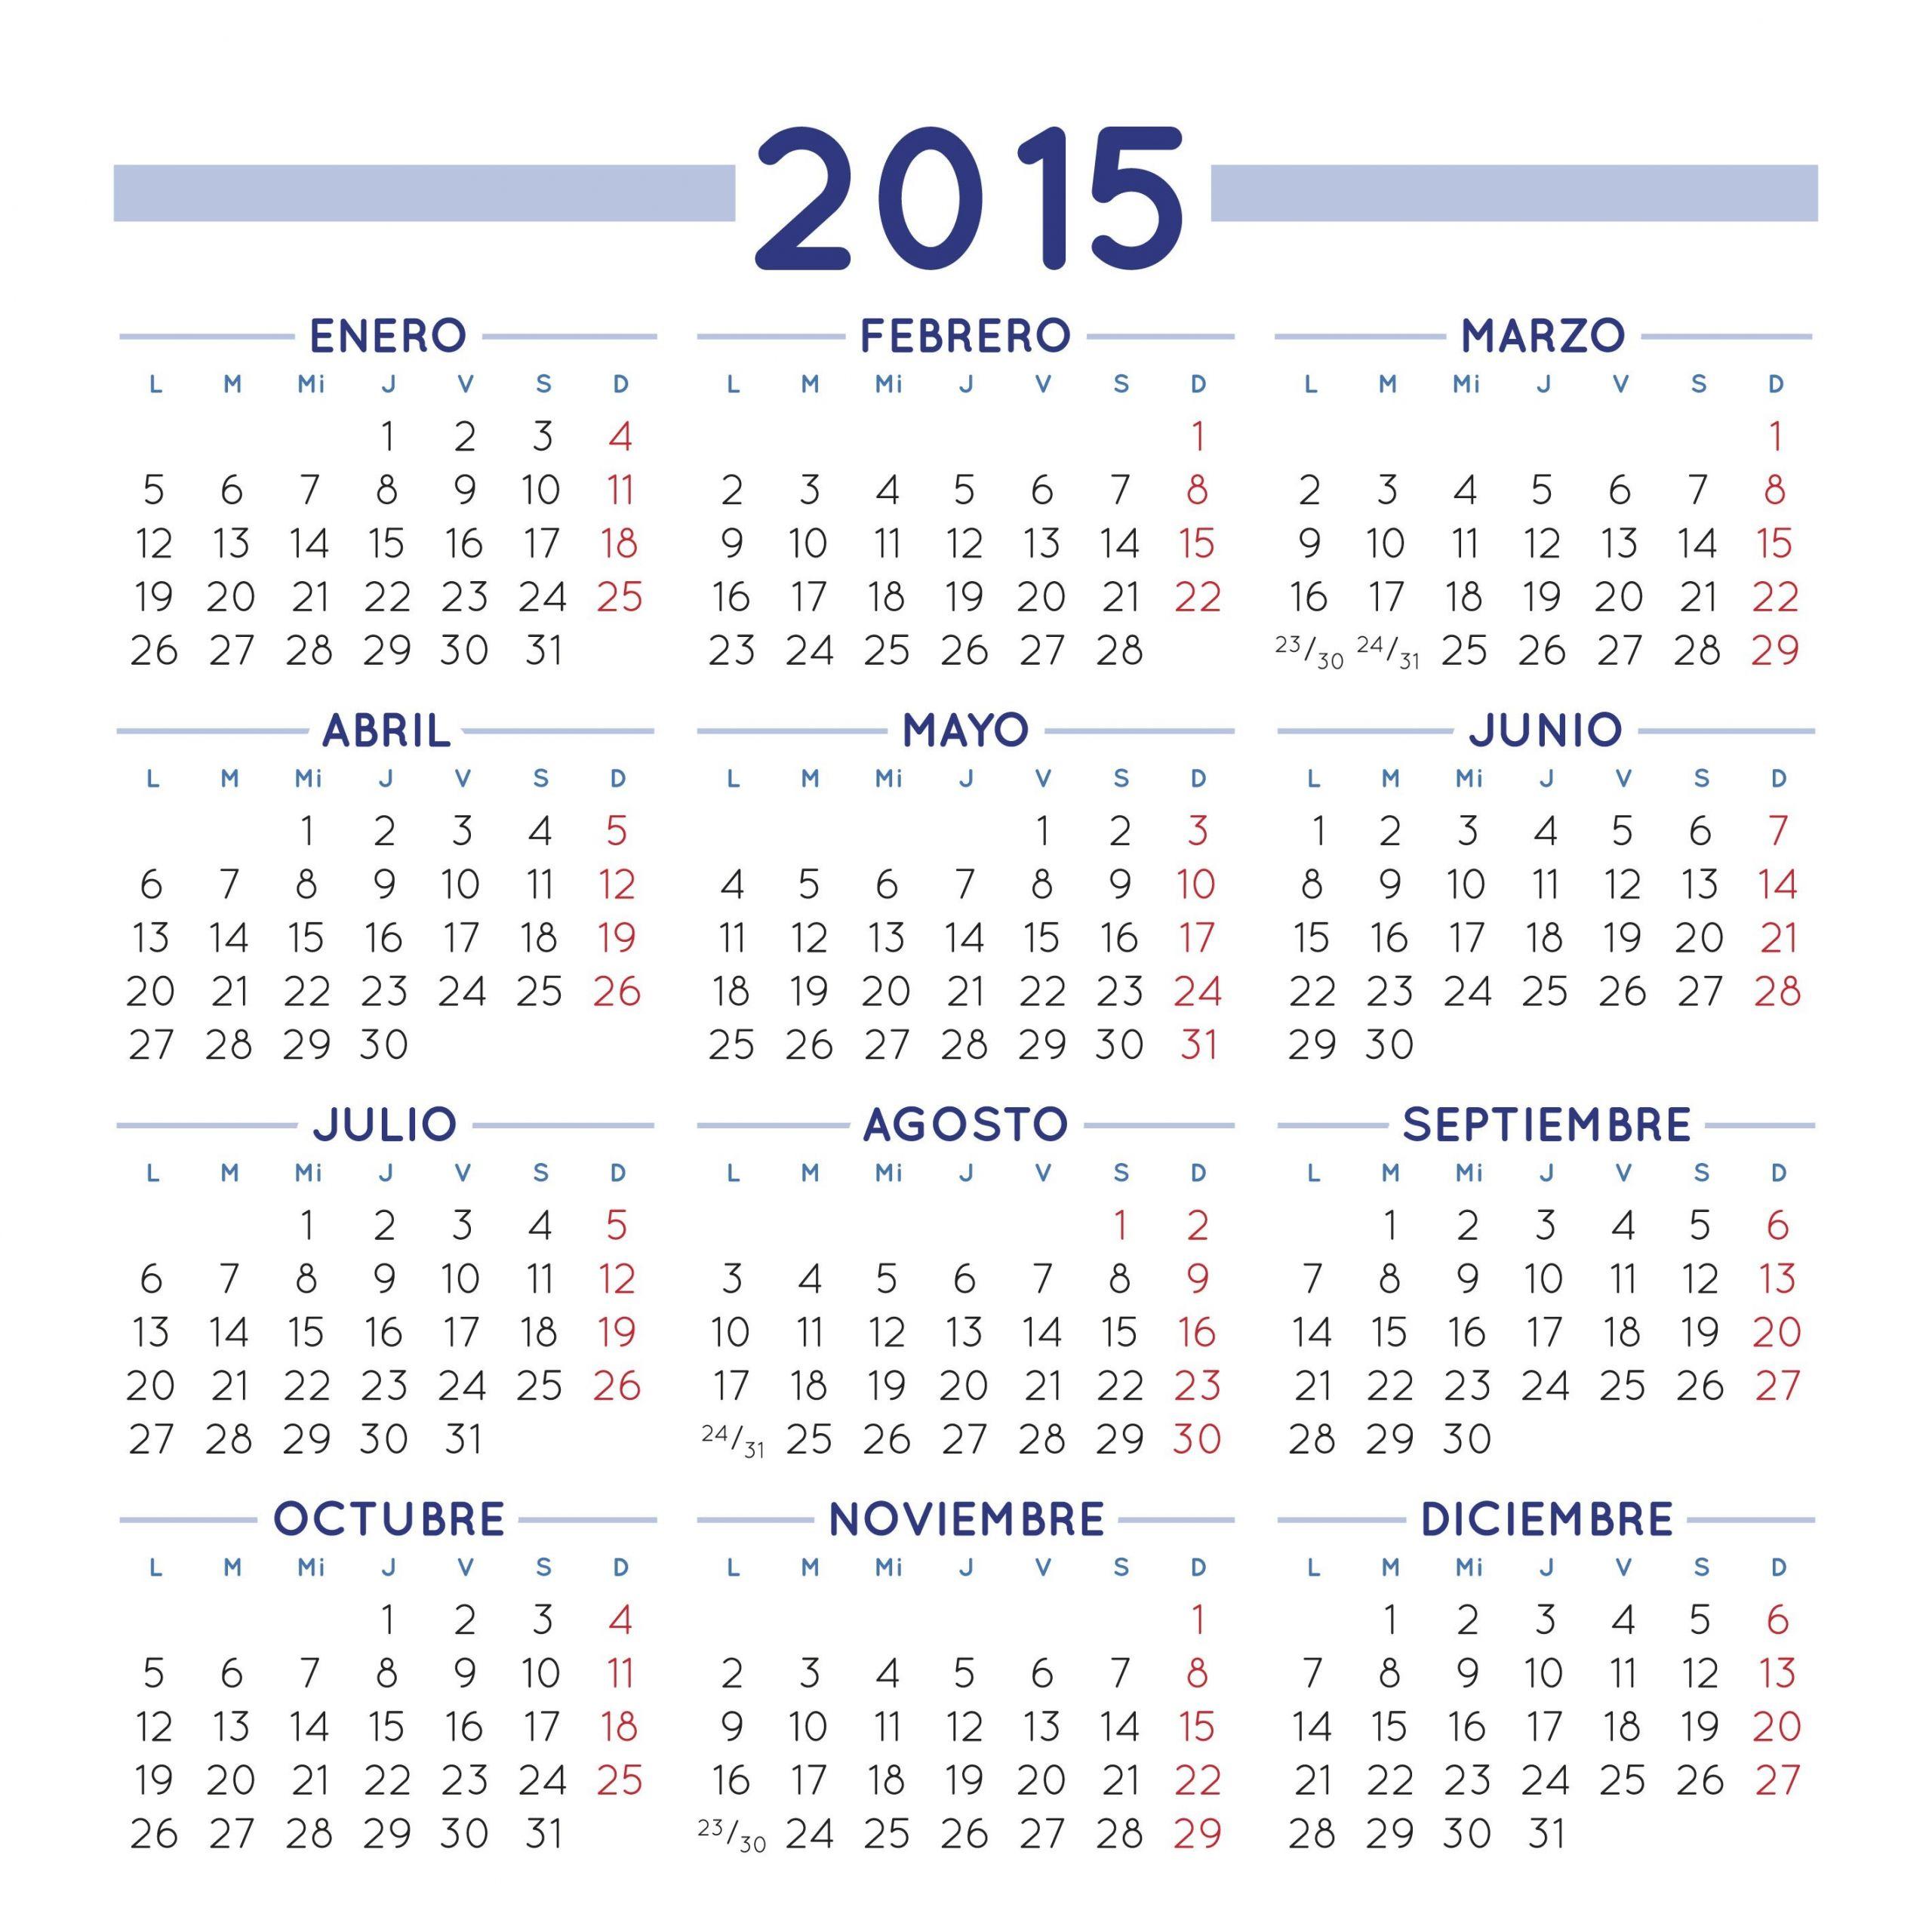 Calendario Utpl Octubre 2019 Febrero 2020 A Distancia Más Recientes Noticias Calendario 2019 Para Imprimir Con Feriados Mexico Of Calendario Utpl Octubre 2019 Febrero 2020 A Distancia Más Arriba-a-fecha Memorias issn Kipdf